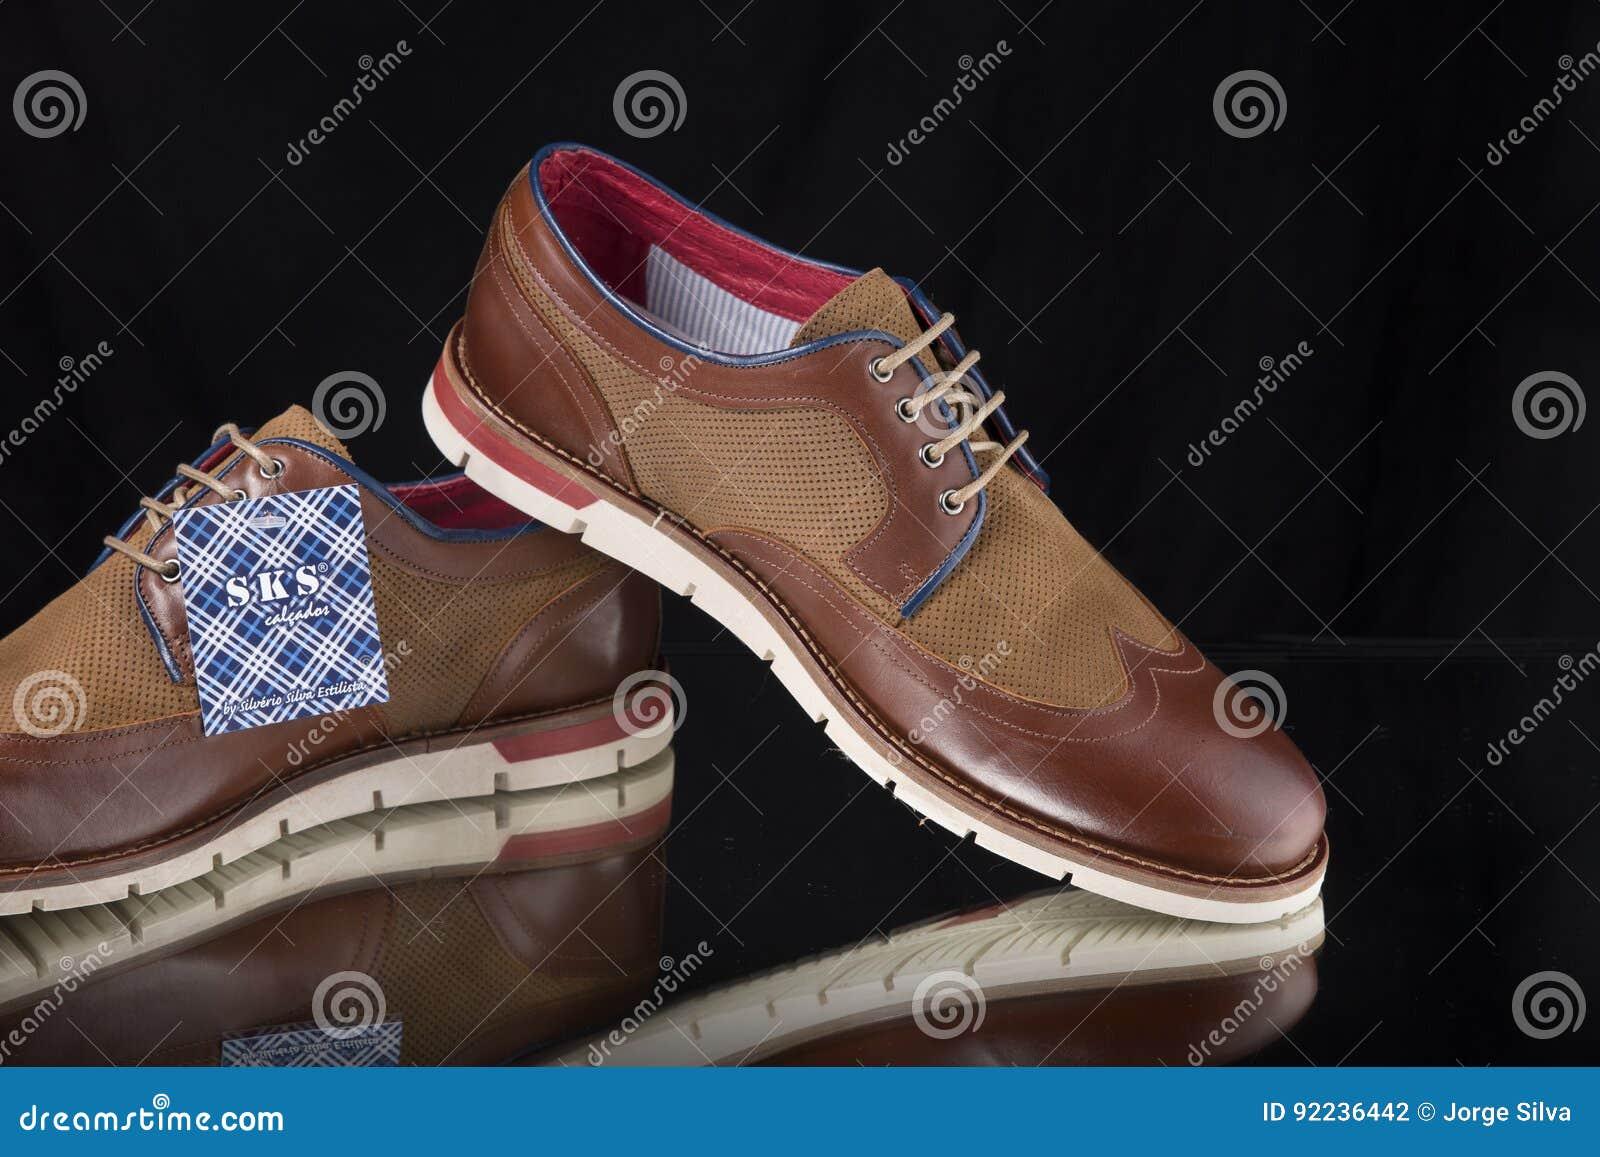 92236442 Fotografía Muchachas Zapatos De Cuero EditorialImagen bvYfy6I7gm